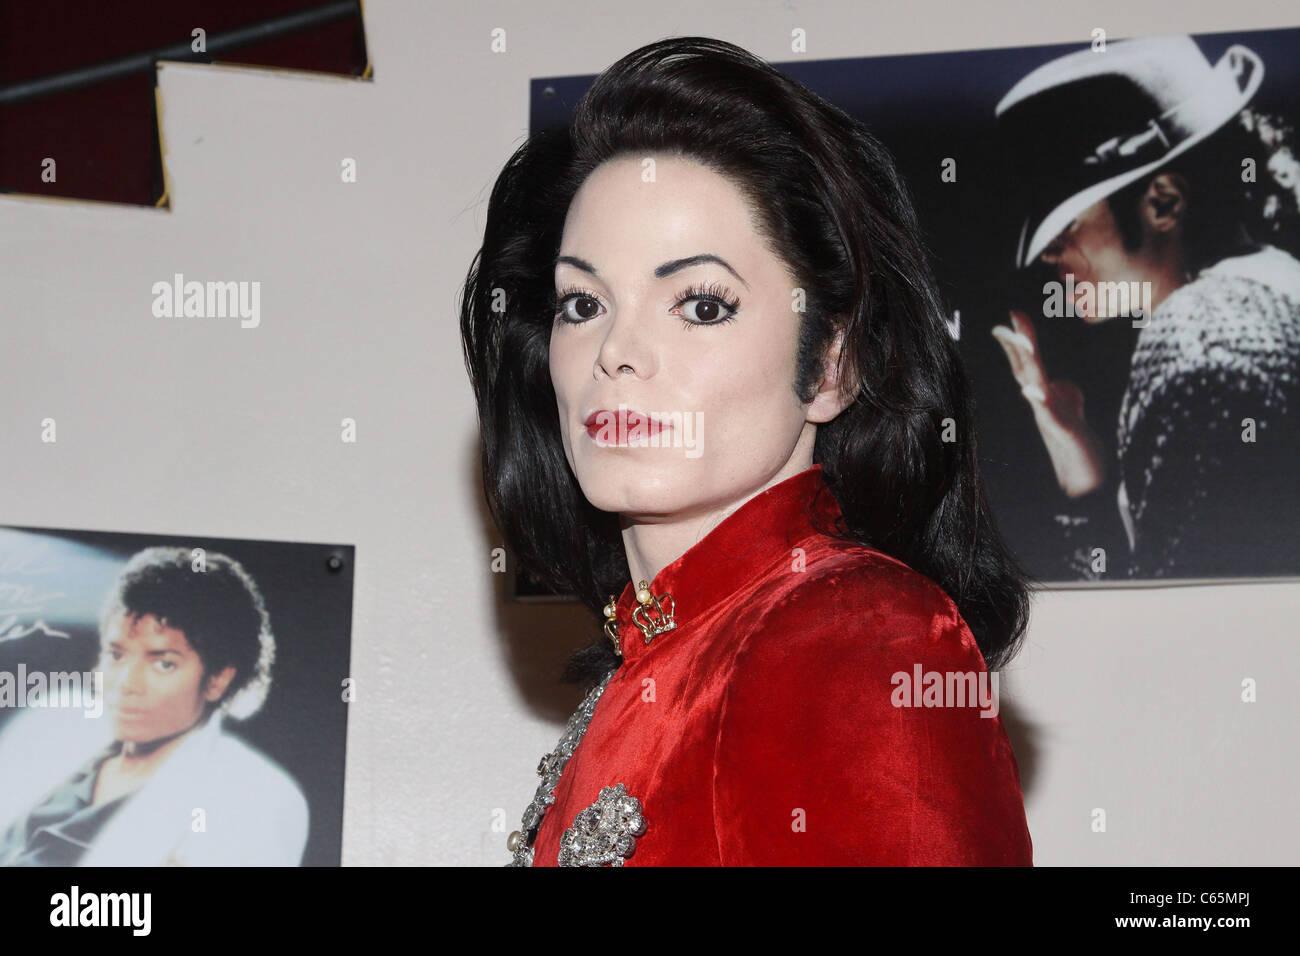 ee41aa2f4ade65 Michael Jackson Cire figure à l intérieur de Michael Jackson Tribute pièce  chez Madame Tussauds